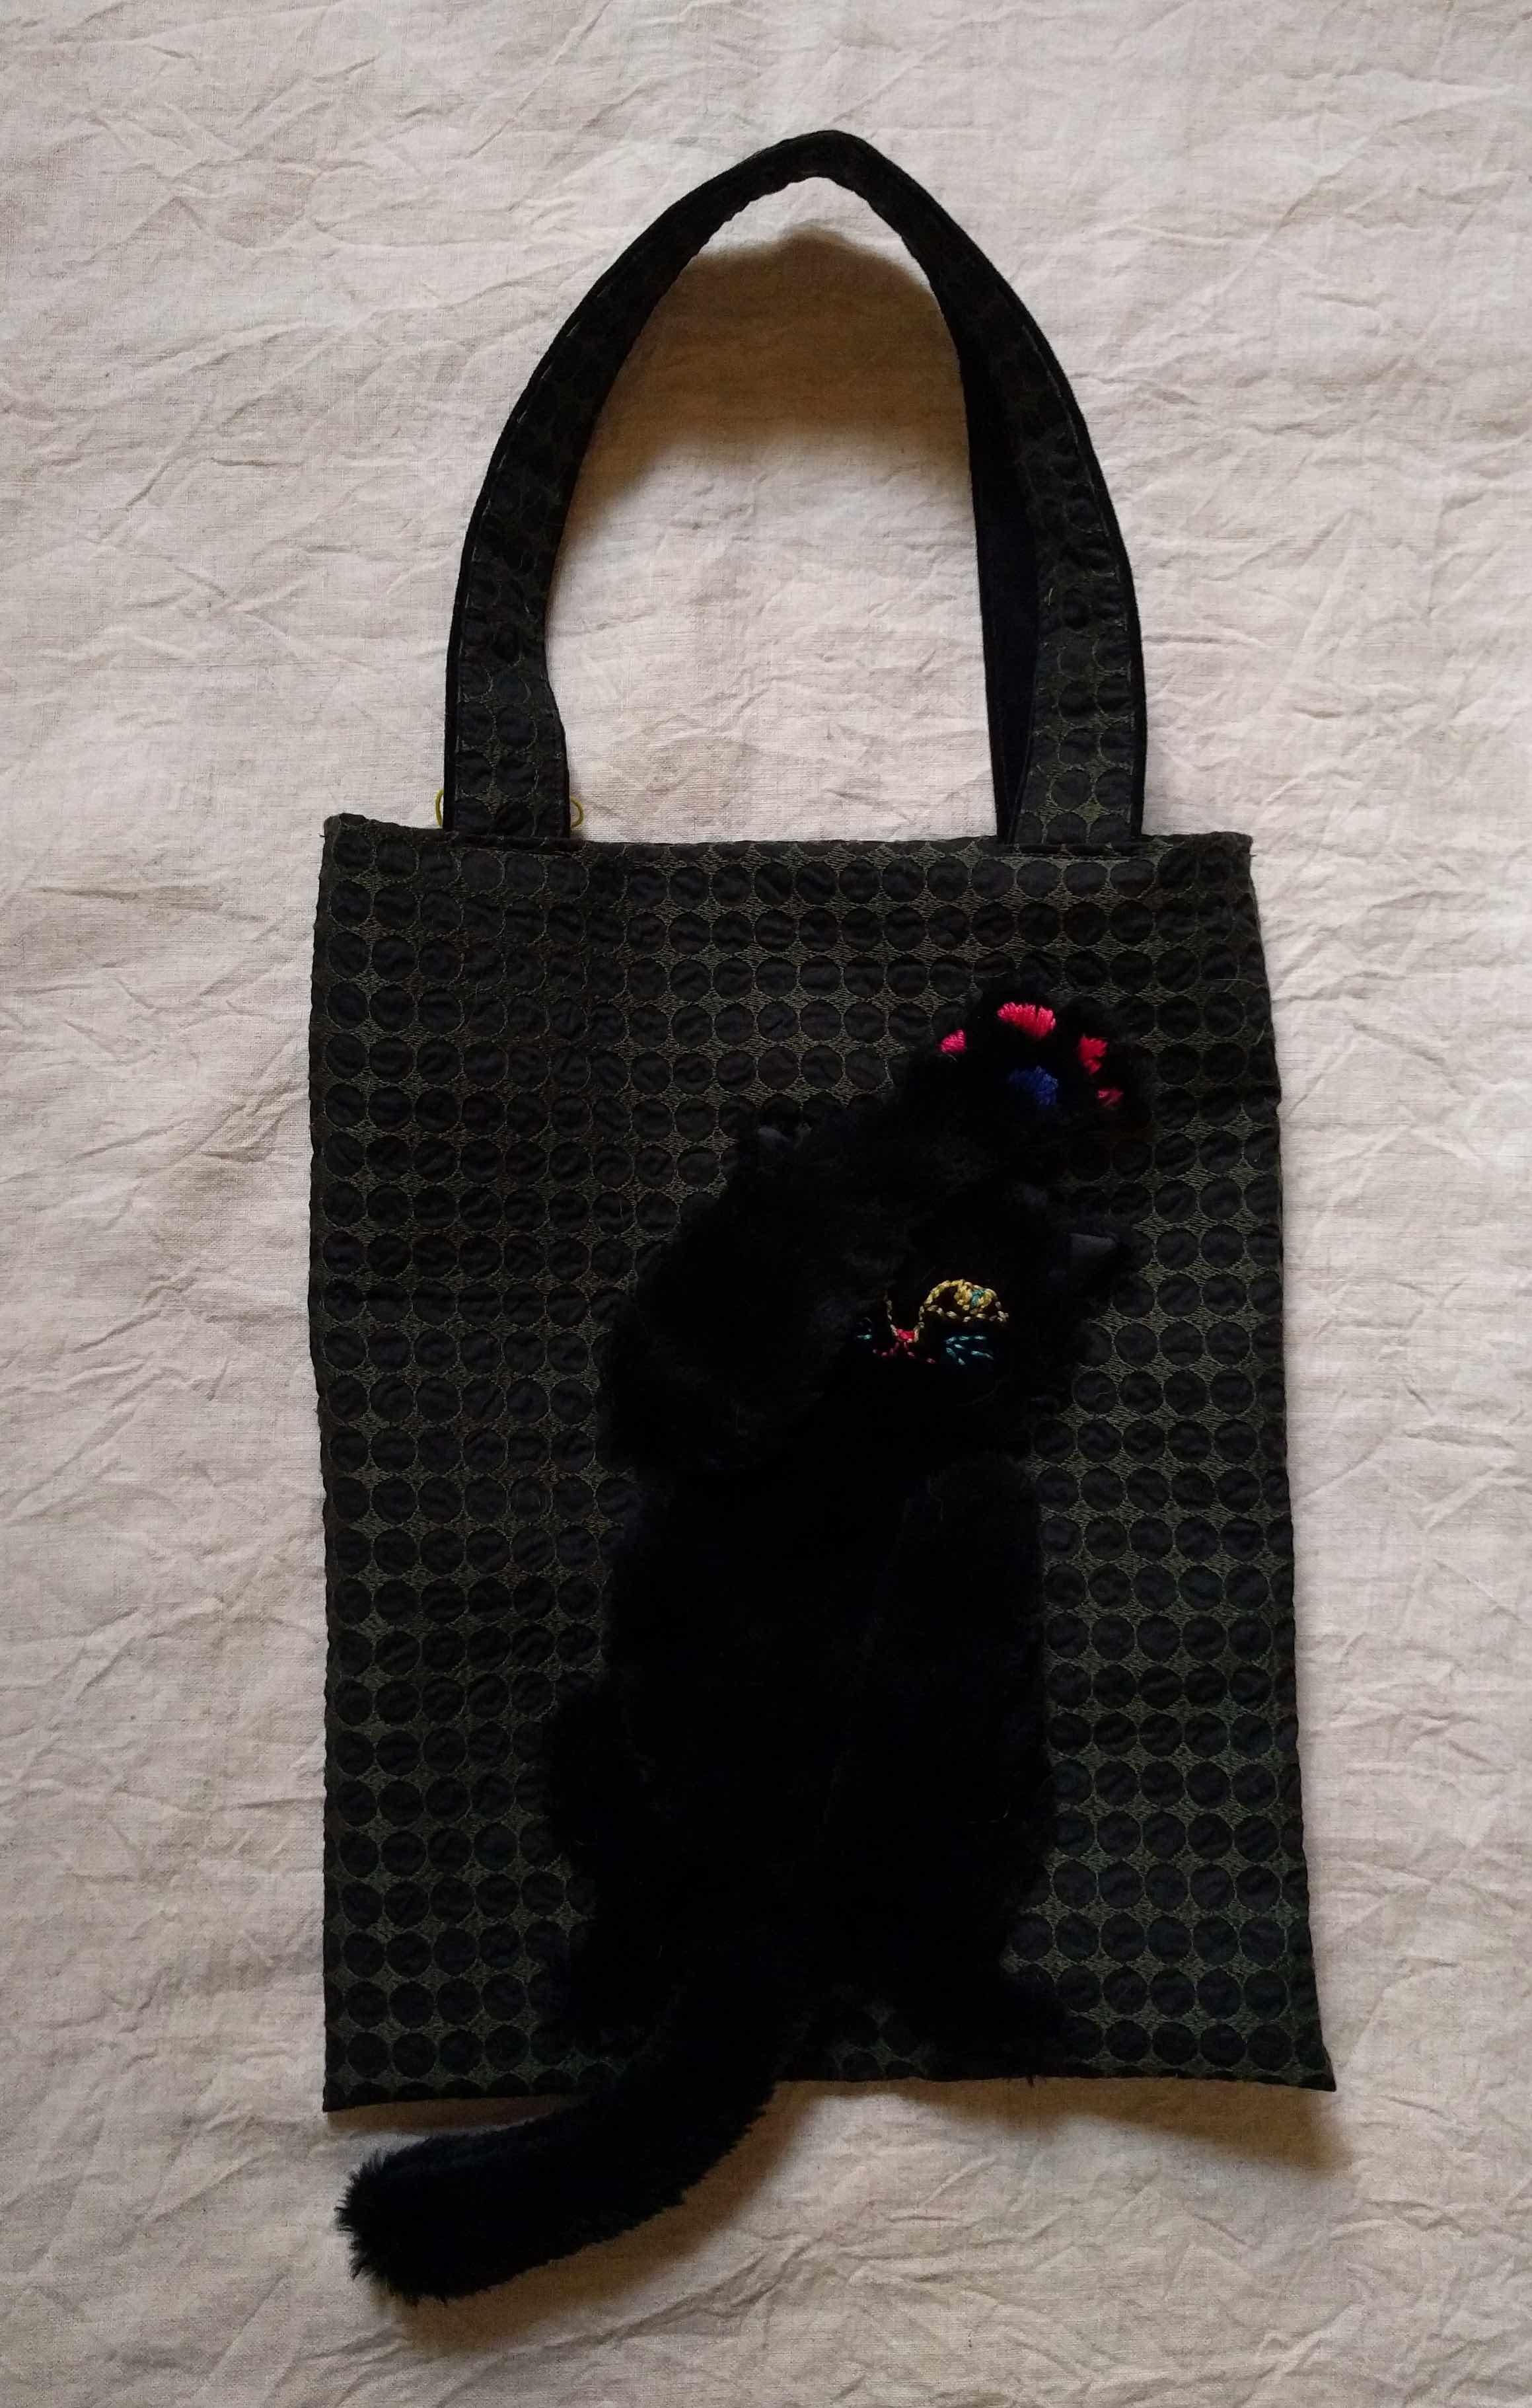 谷みゆきさんの猫パンチバッグ_a0265743_22582139.jpg